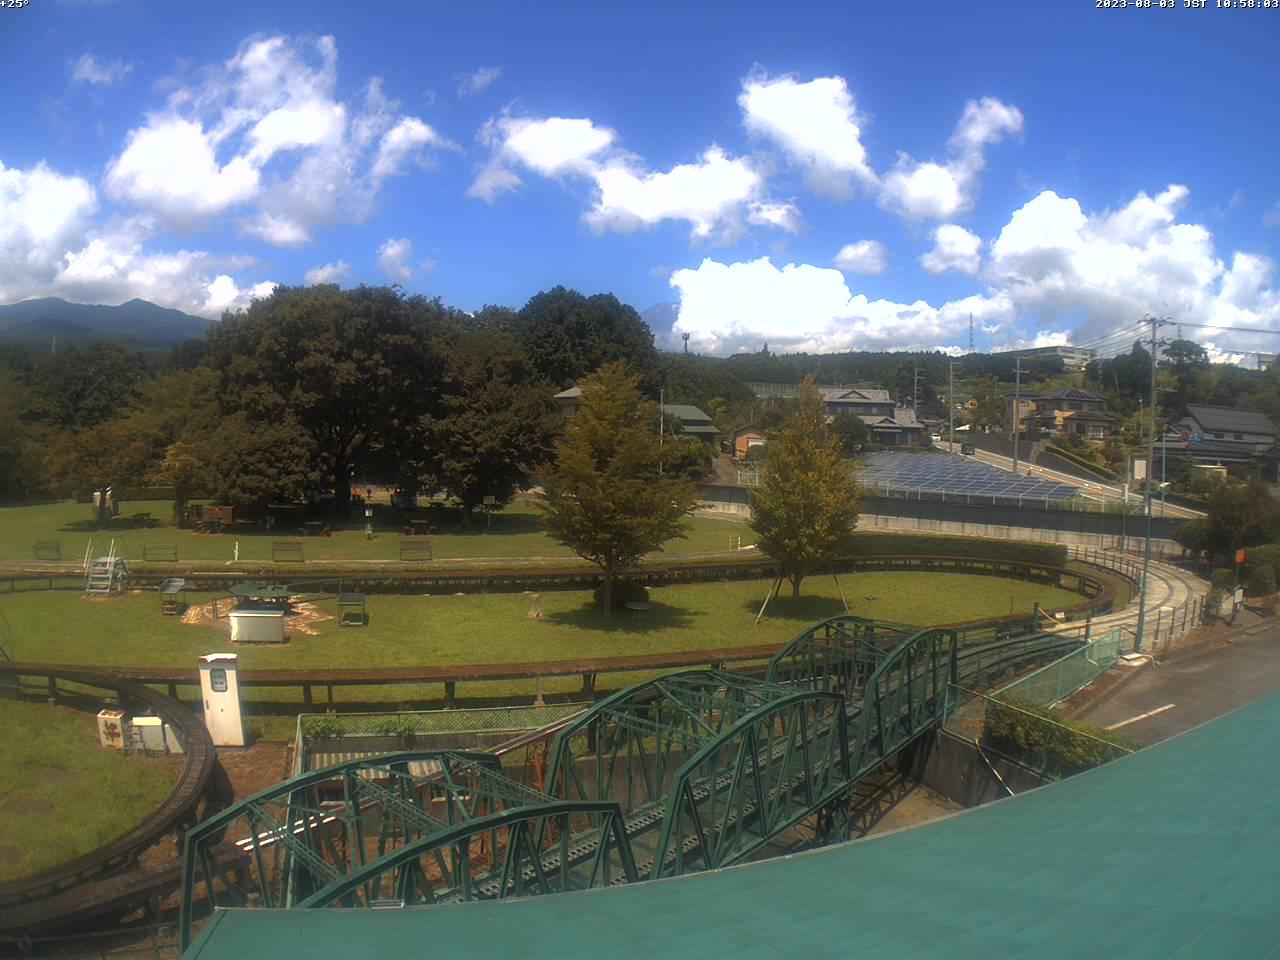 富士山ライブカメラ(裾野市日本庭園鉄道カメラ)